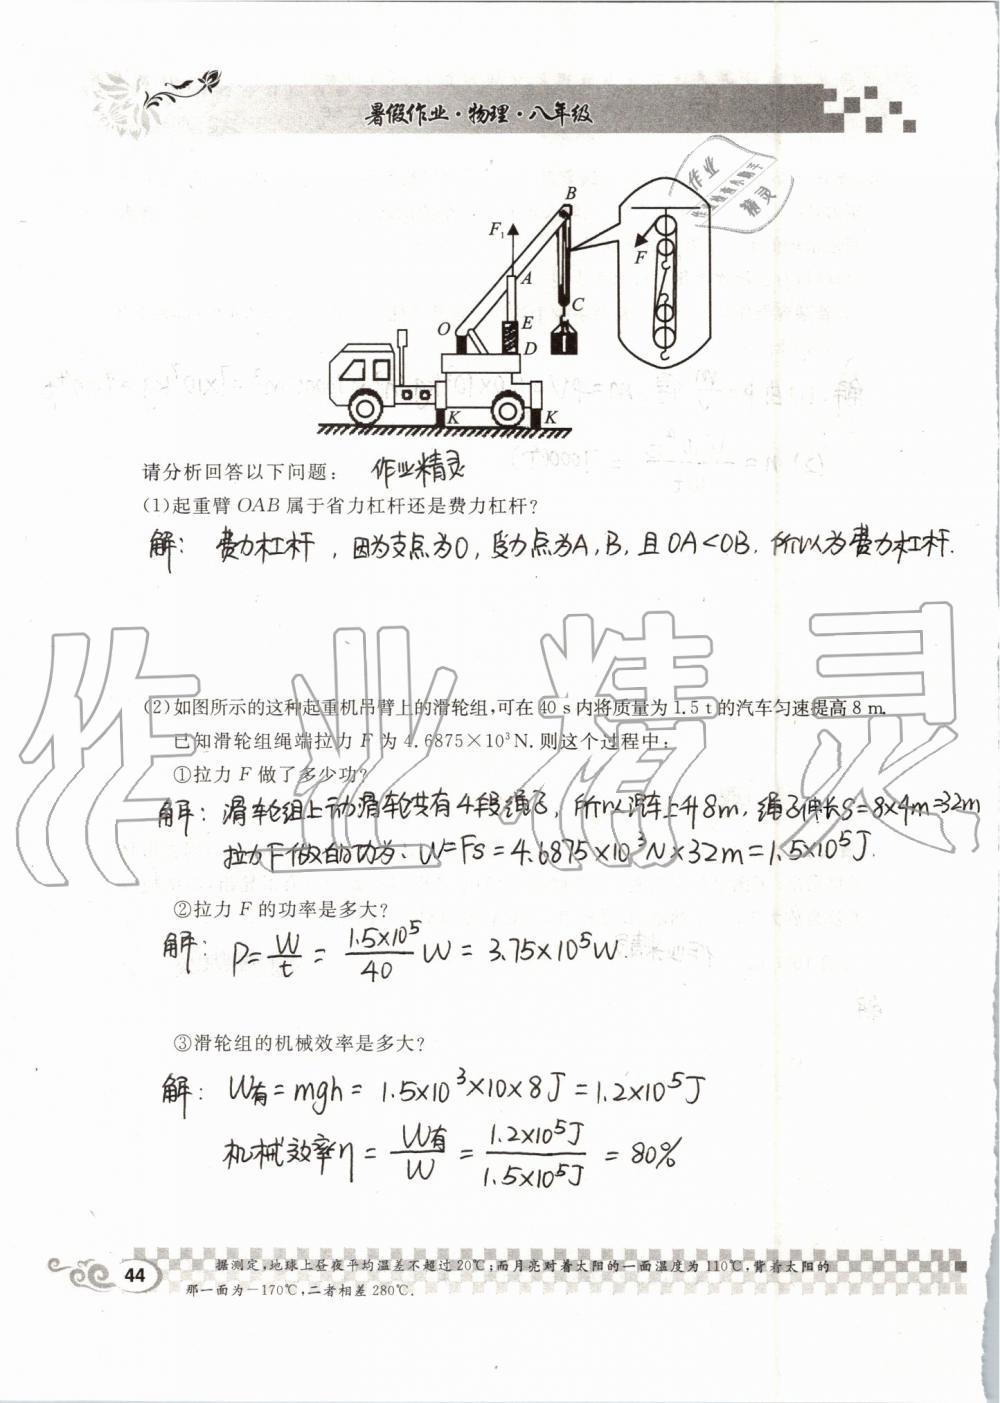 2019年长江暑假作业八年级物理崇文书局第44页